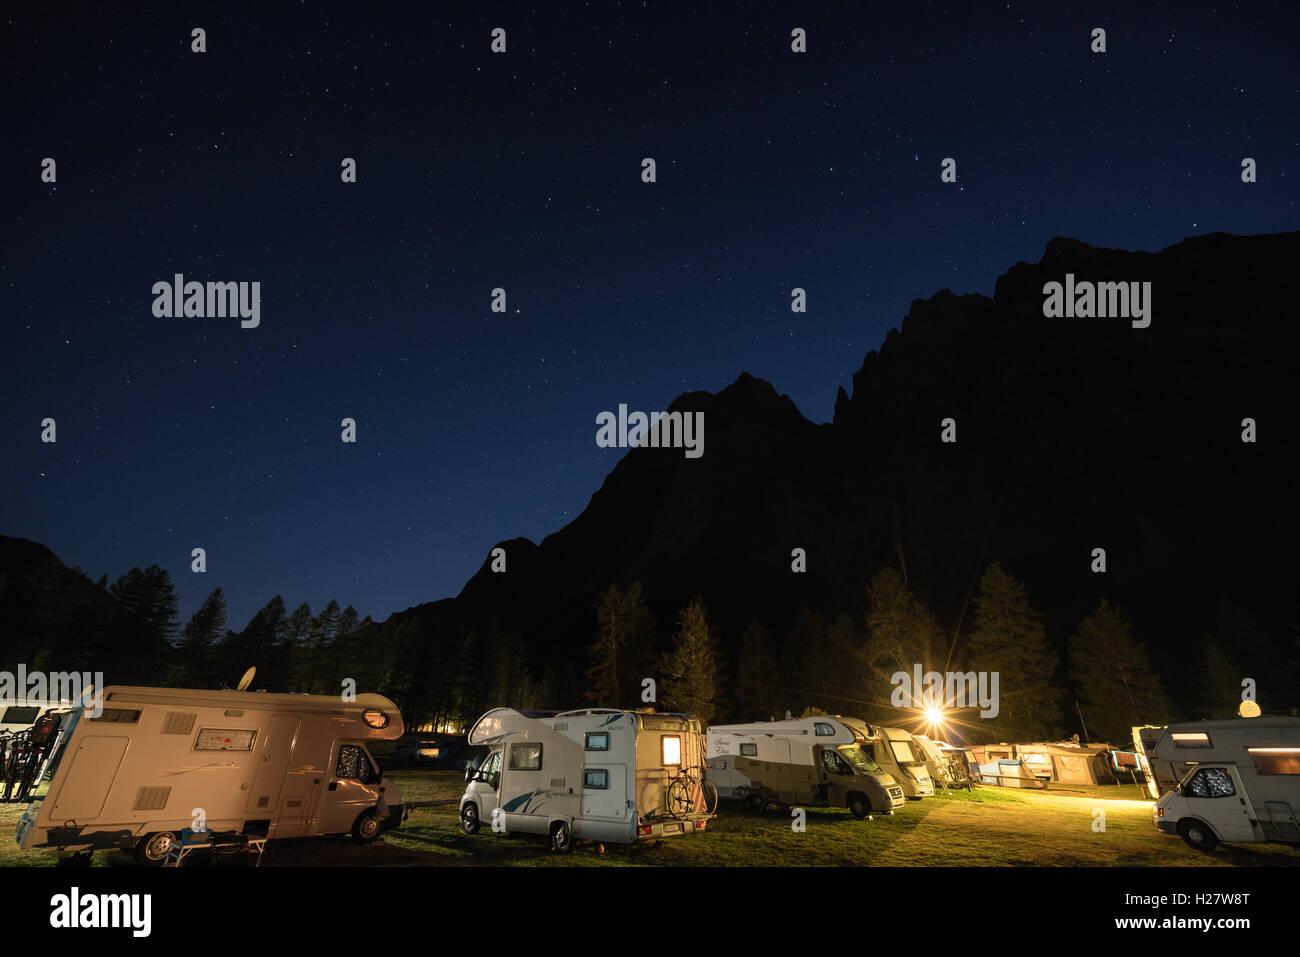 Intégrale de Peuterey ridge au crépuscule, Courmayeur, Italie, Alpes, Europe, UNION EUROPÉENNE Photo Stock